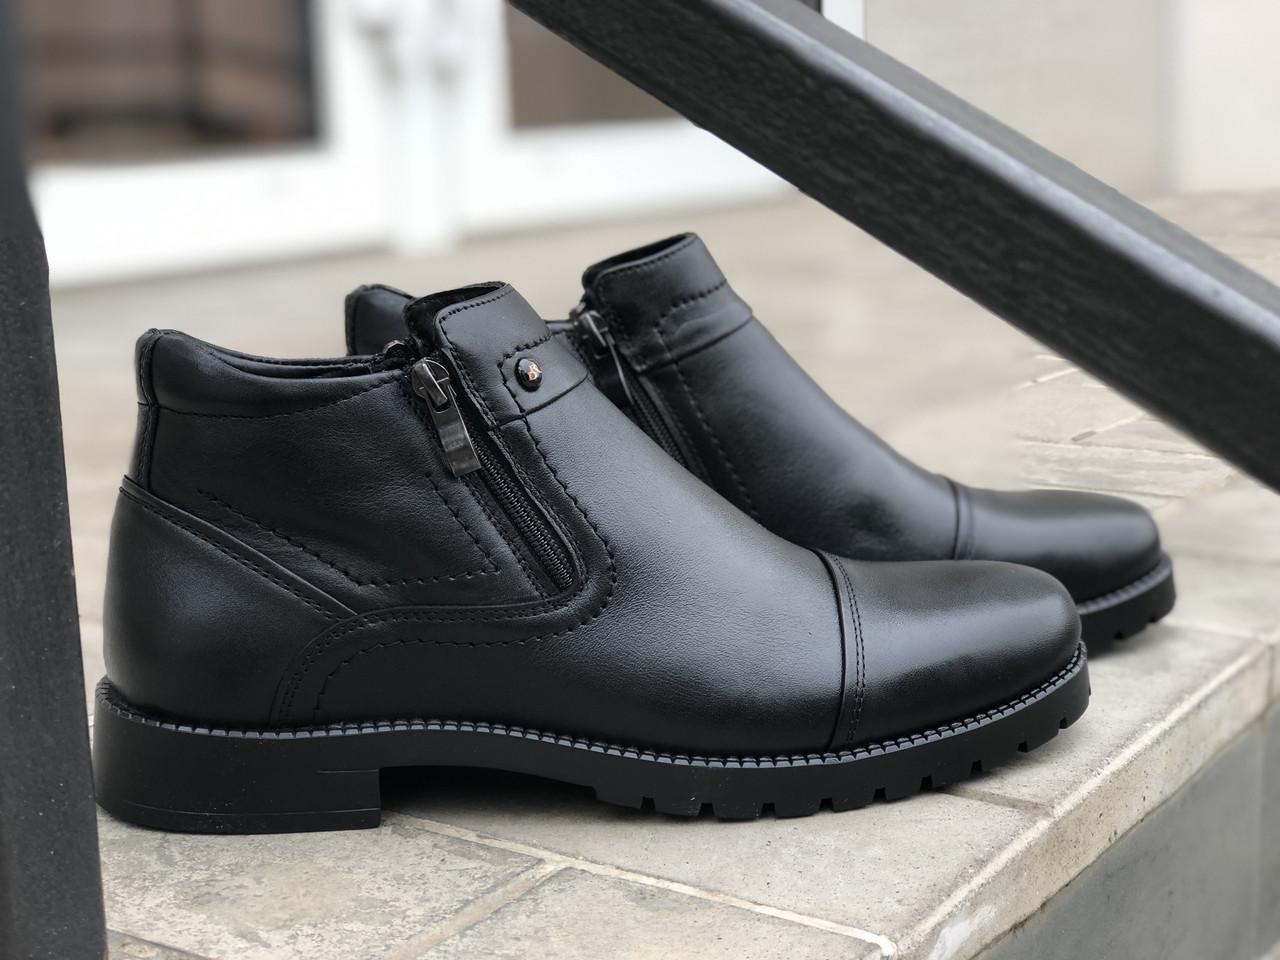 Кожаные мужские ботинки L-Style 3634 чер размеры 41,42,43,44,45